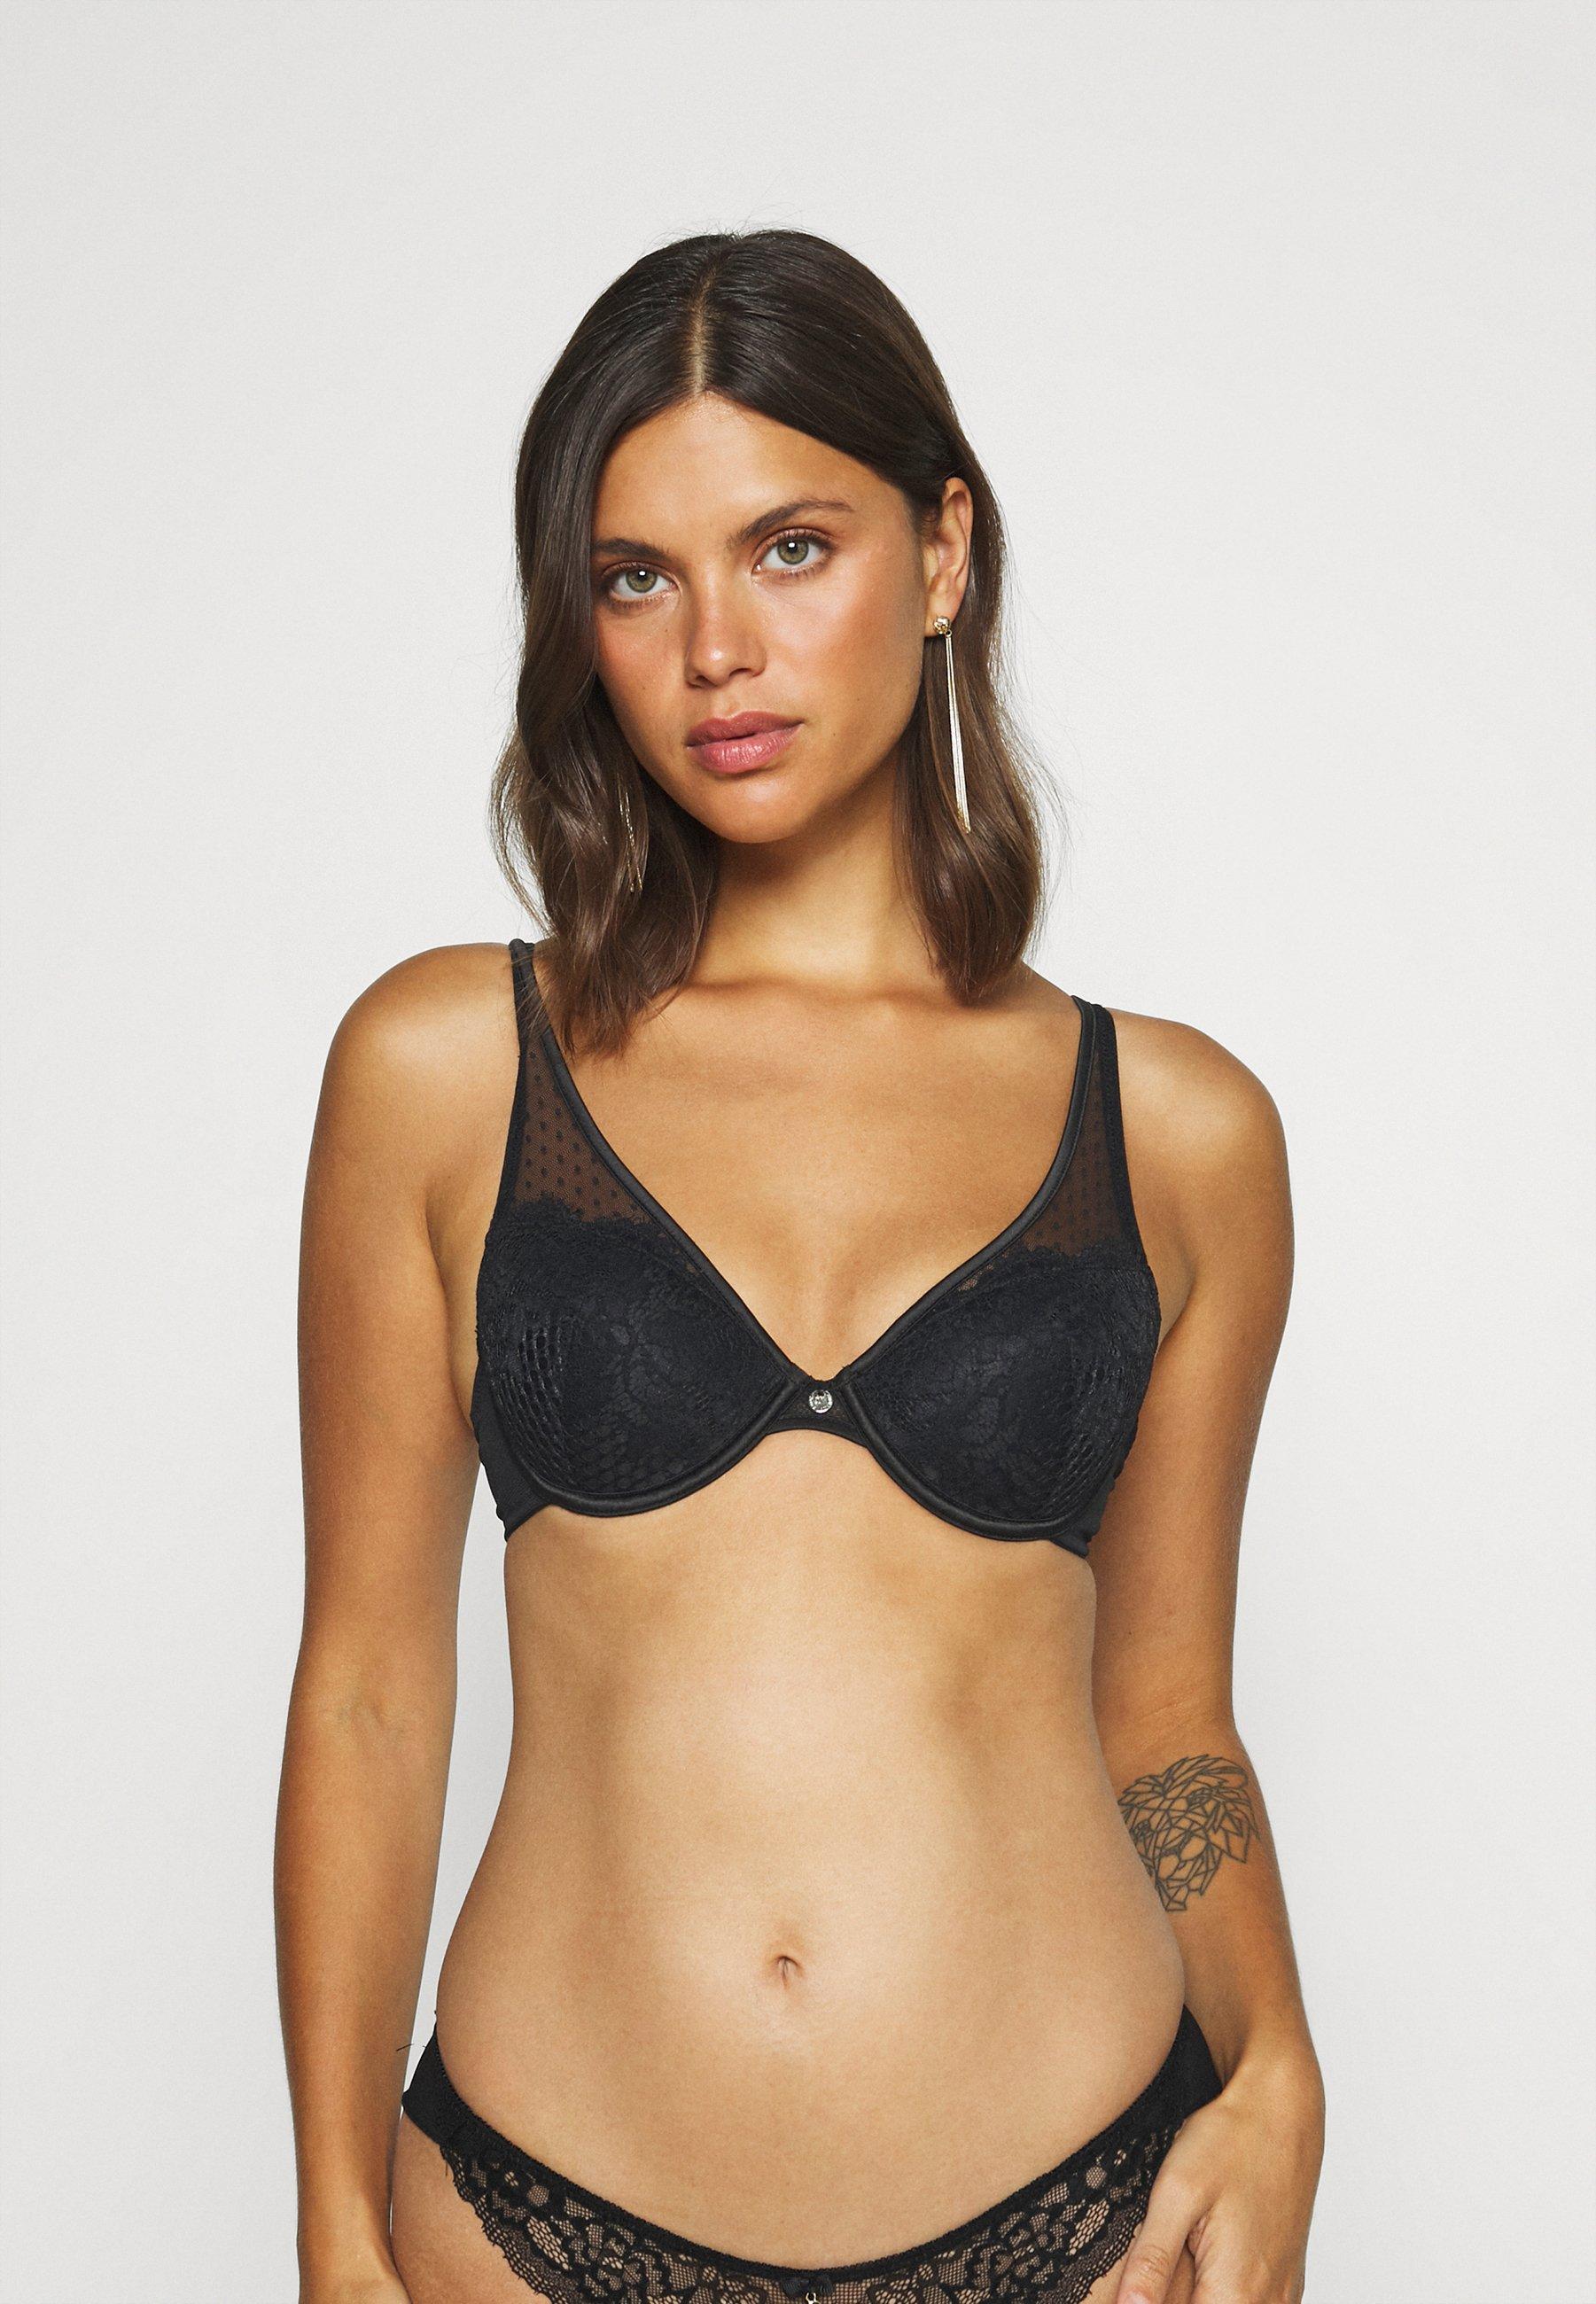 Women JESSIE HIGH APEX PLUNGE BRA - Triangle bra